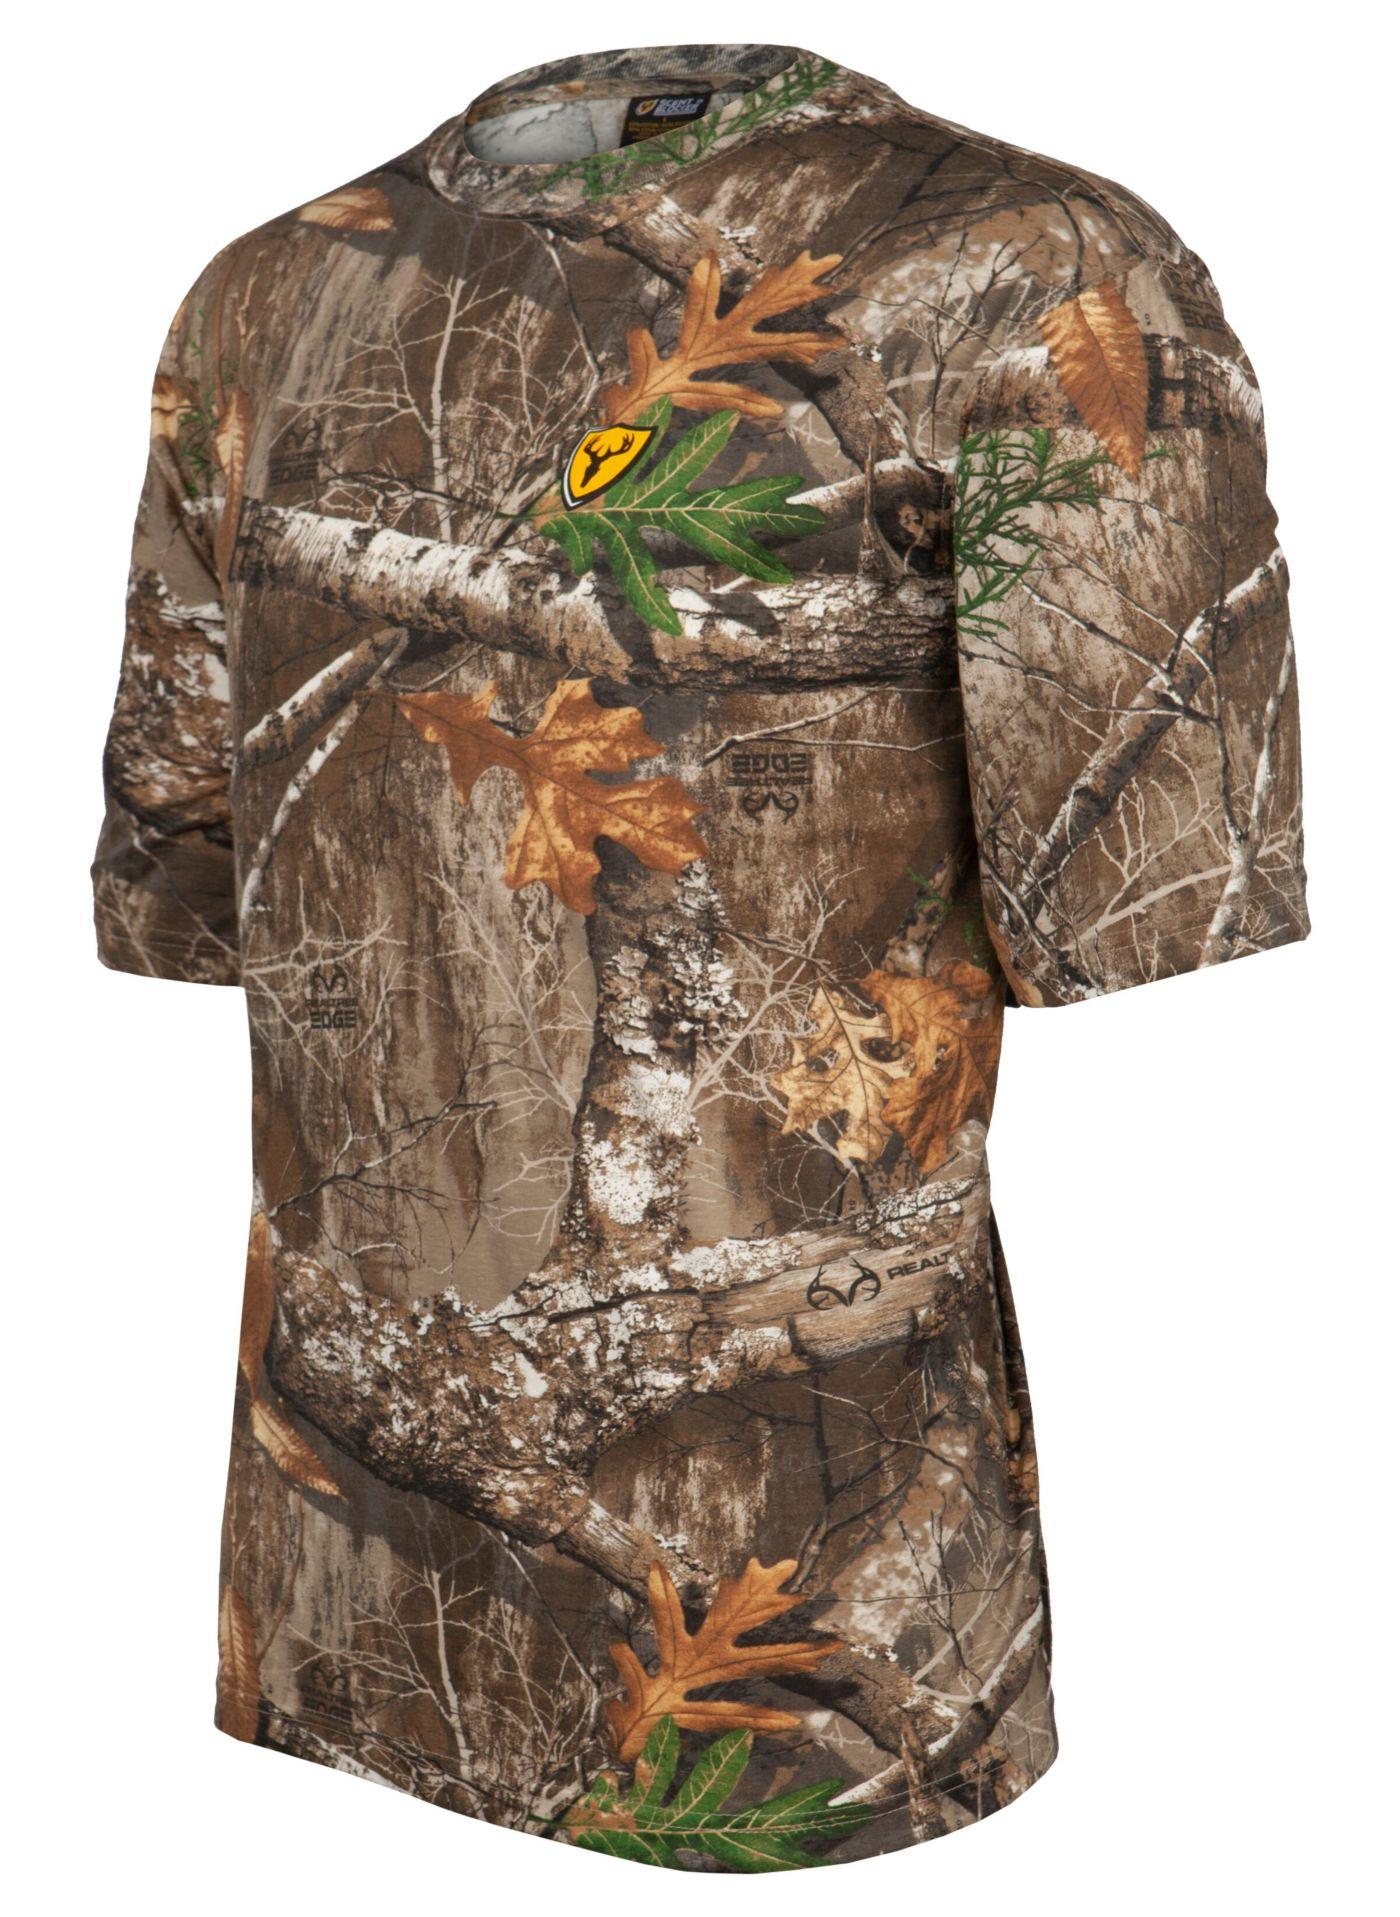 ScentBlocker Men's Shield Series Short Sleeve Hunting T-Shirt